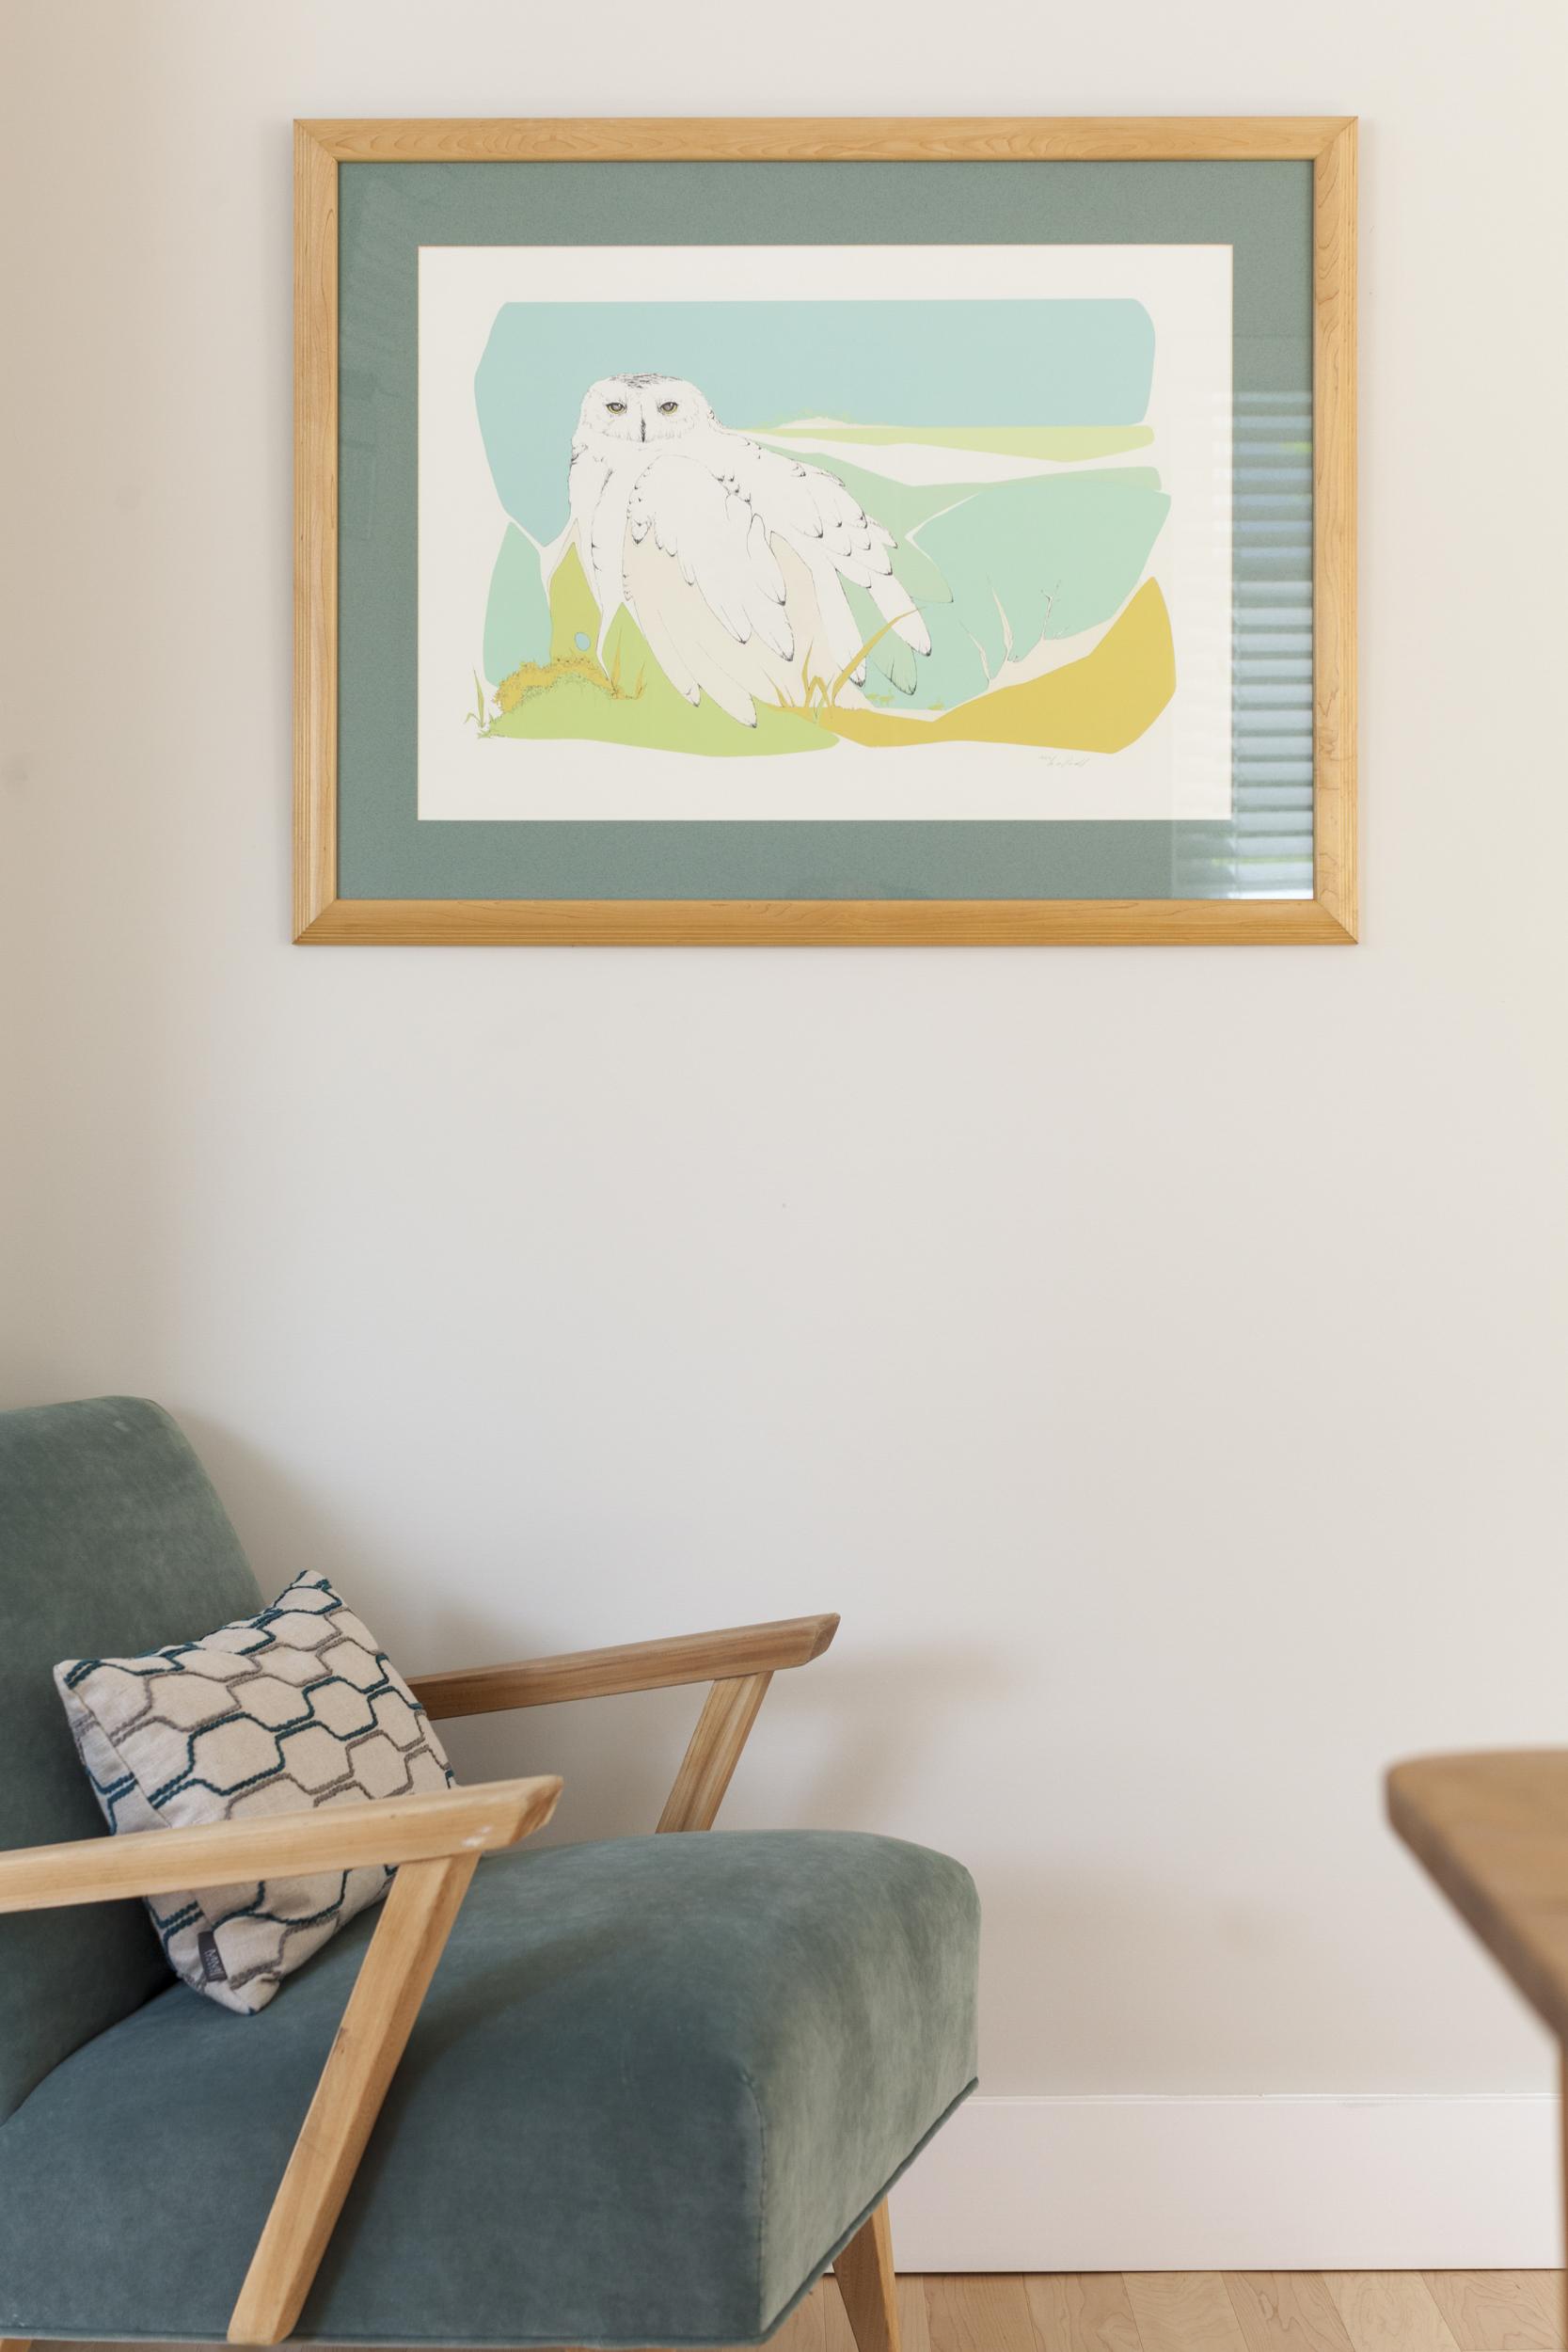 designreflektor-editorial-commercial-photopgraphy-vancouver-0289.jpg